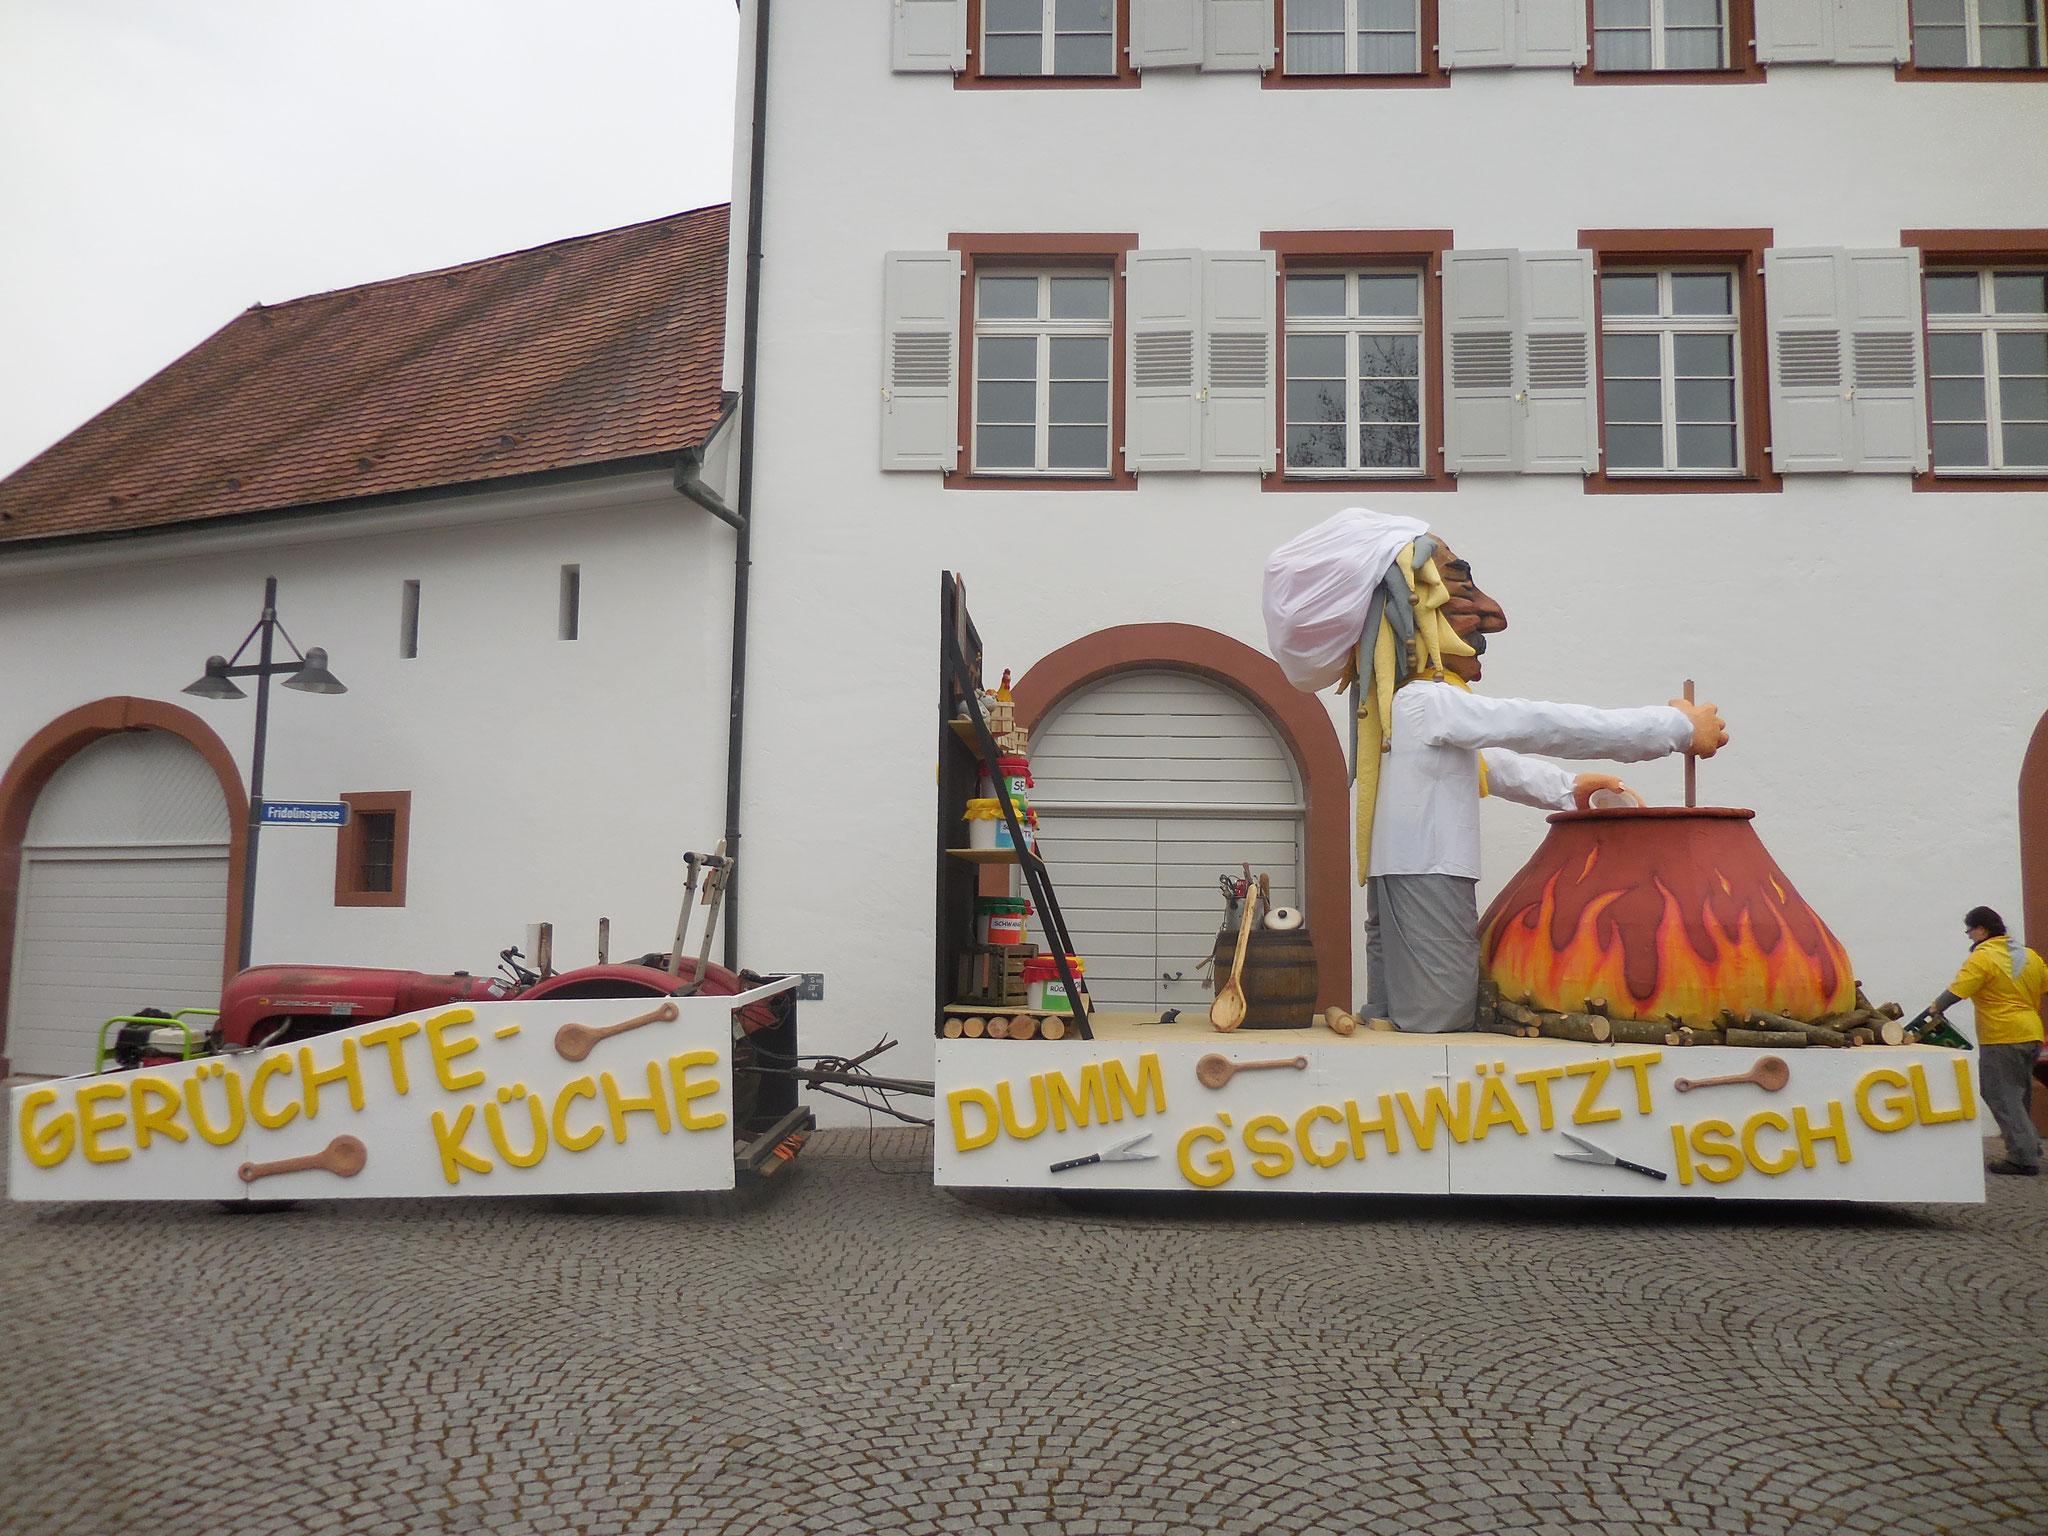 """2015 Gerüchteküche """"Dumm gschwätst isch gli"""""""